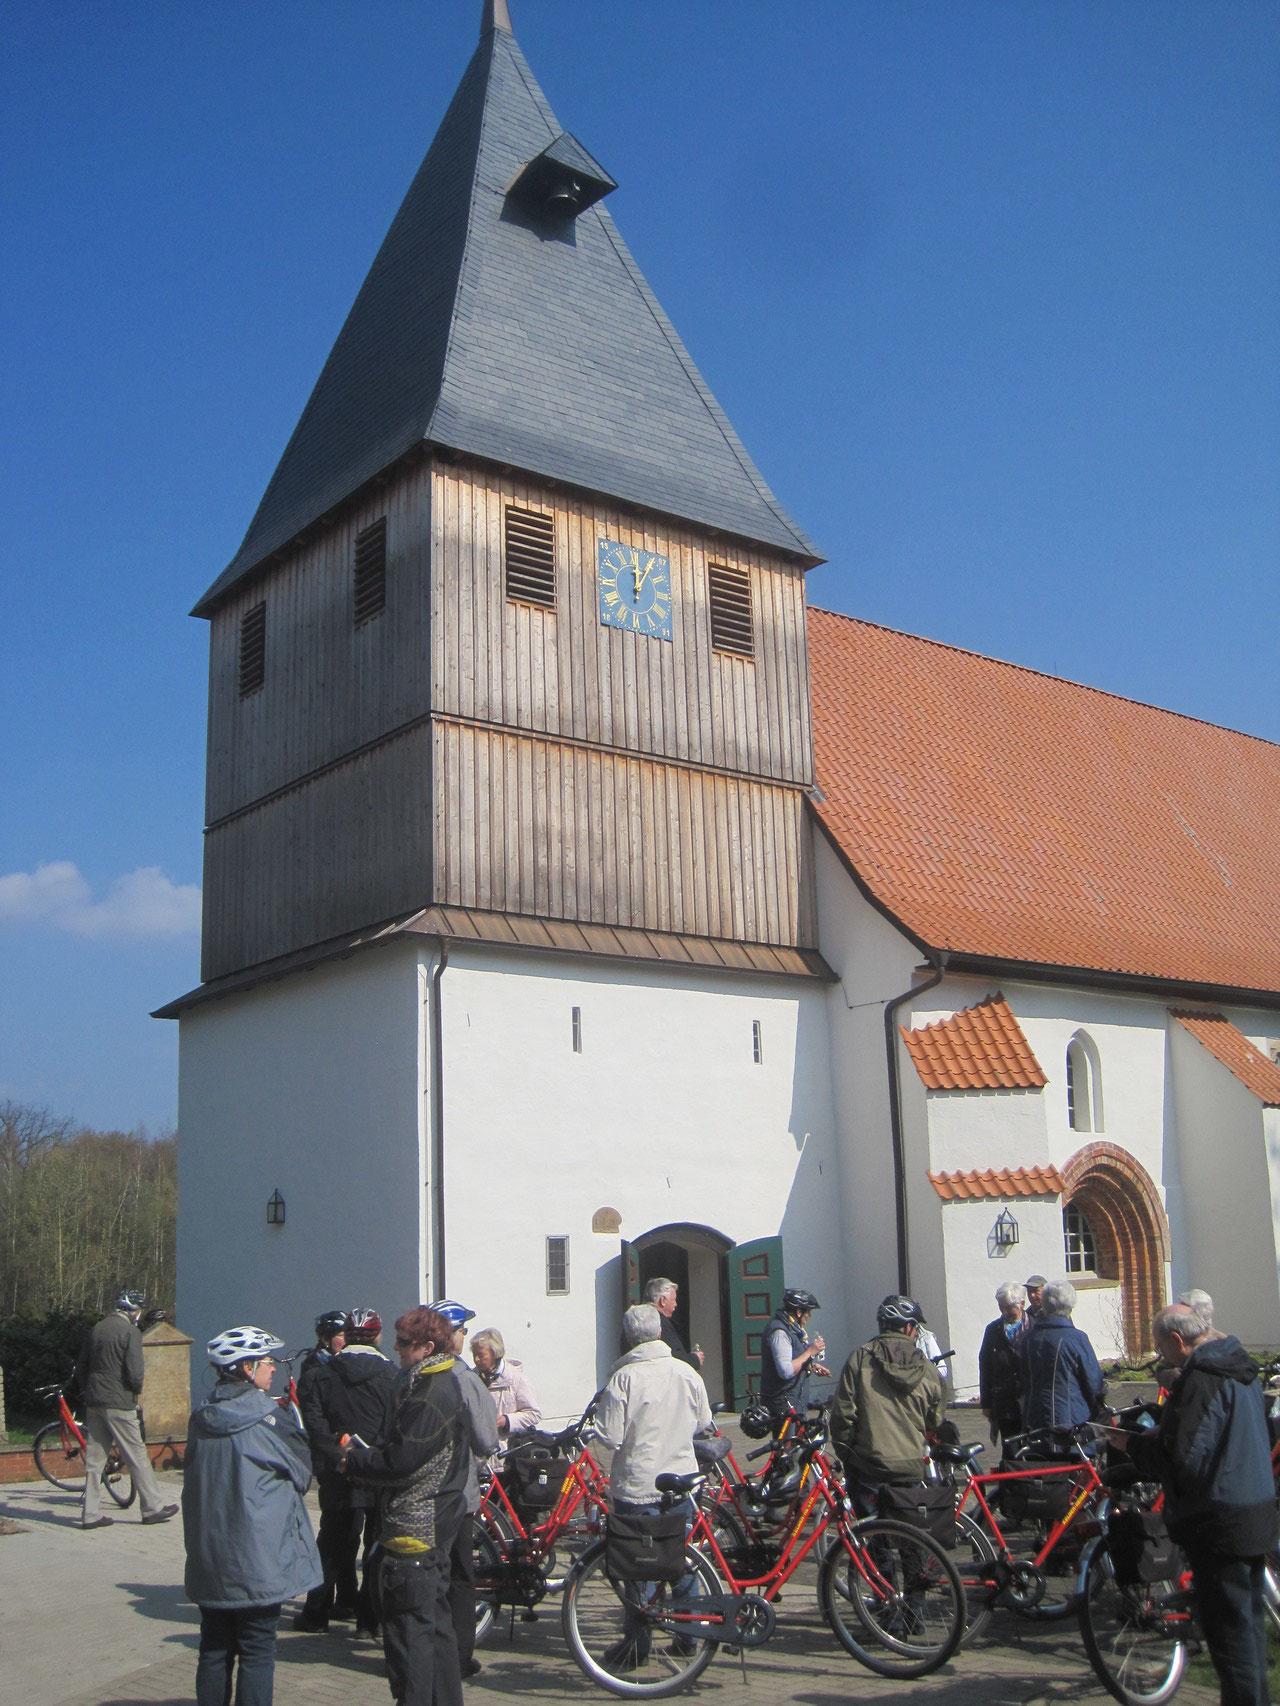 Paus an der St. Katharinen-Kirche in Steyerberg